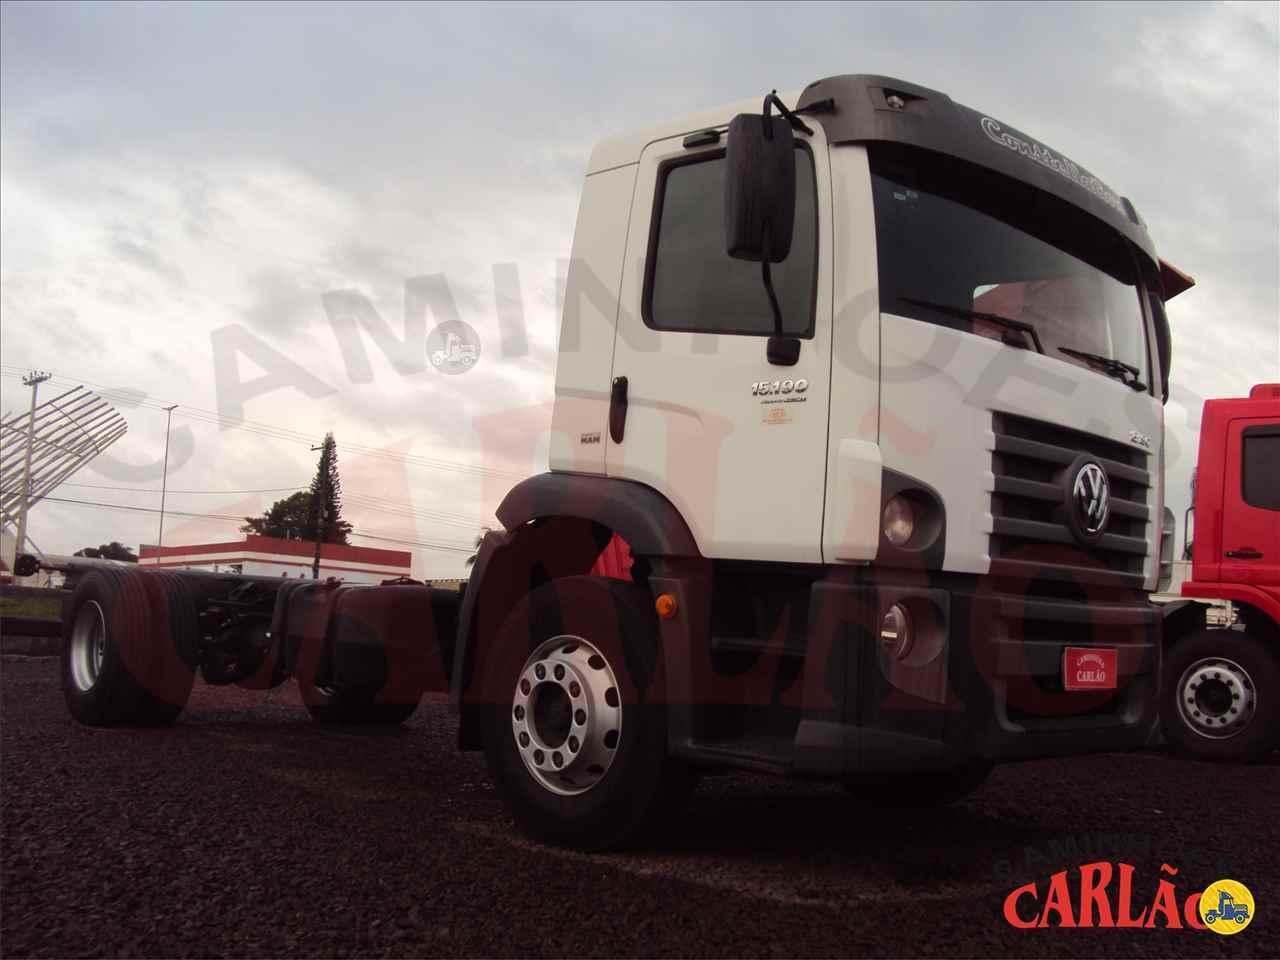 CAMINHAO VOLKSWAGEN VW 15190 Chassis Toco 4x2 Carlão Caminhões CARAZINHO RIO GRANDE DO SUL RS